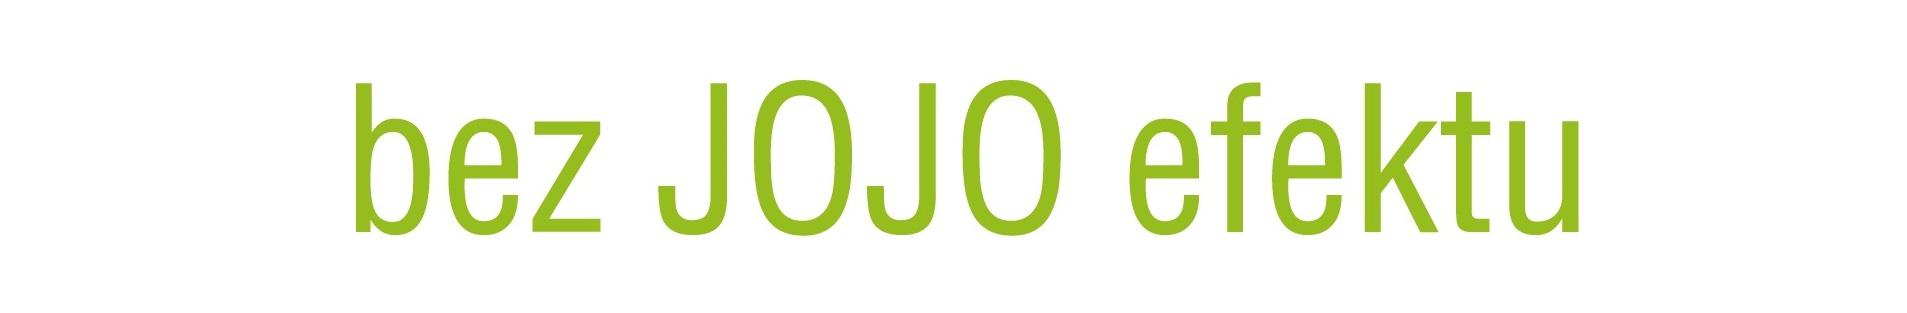 JOJO2